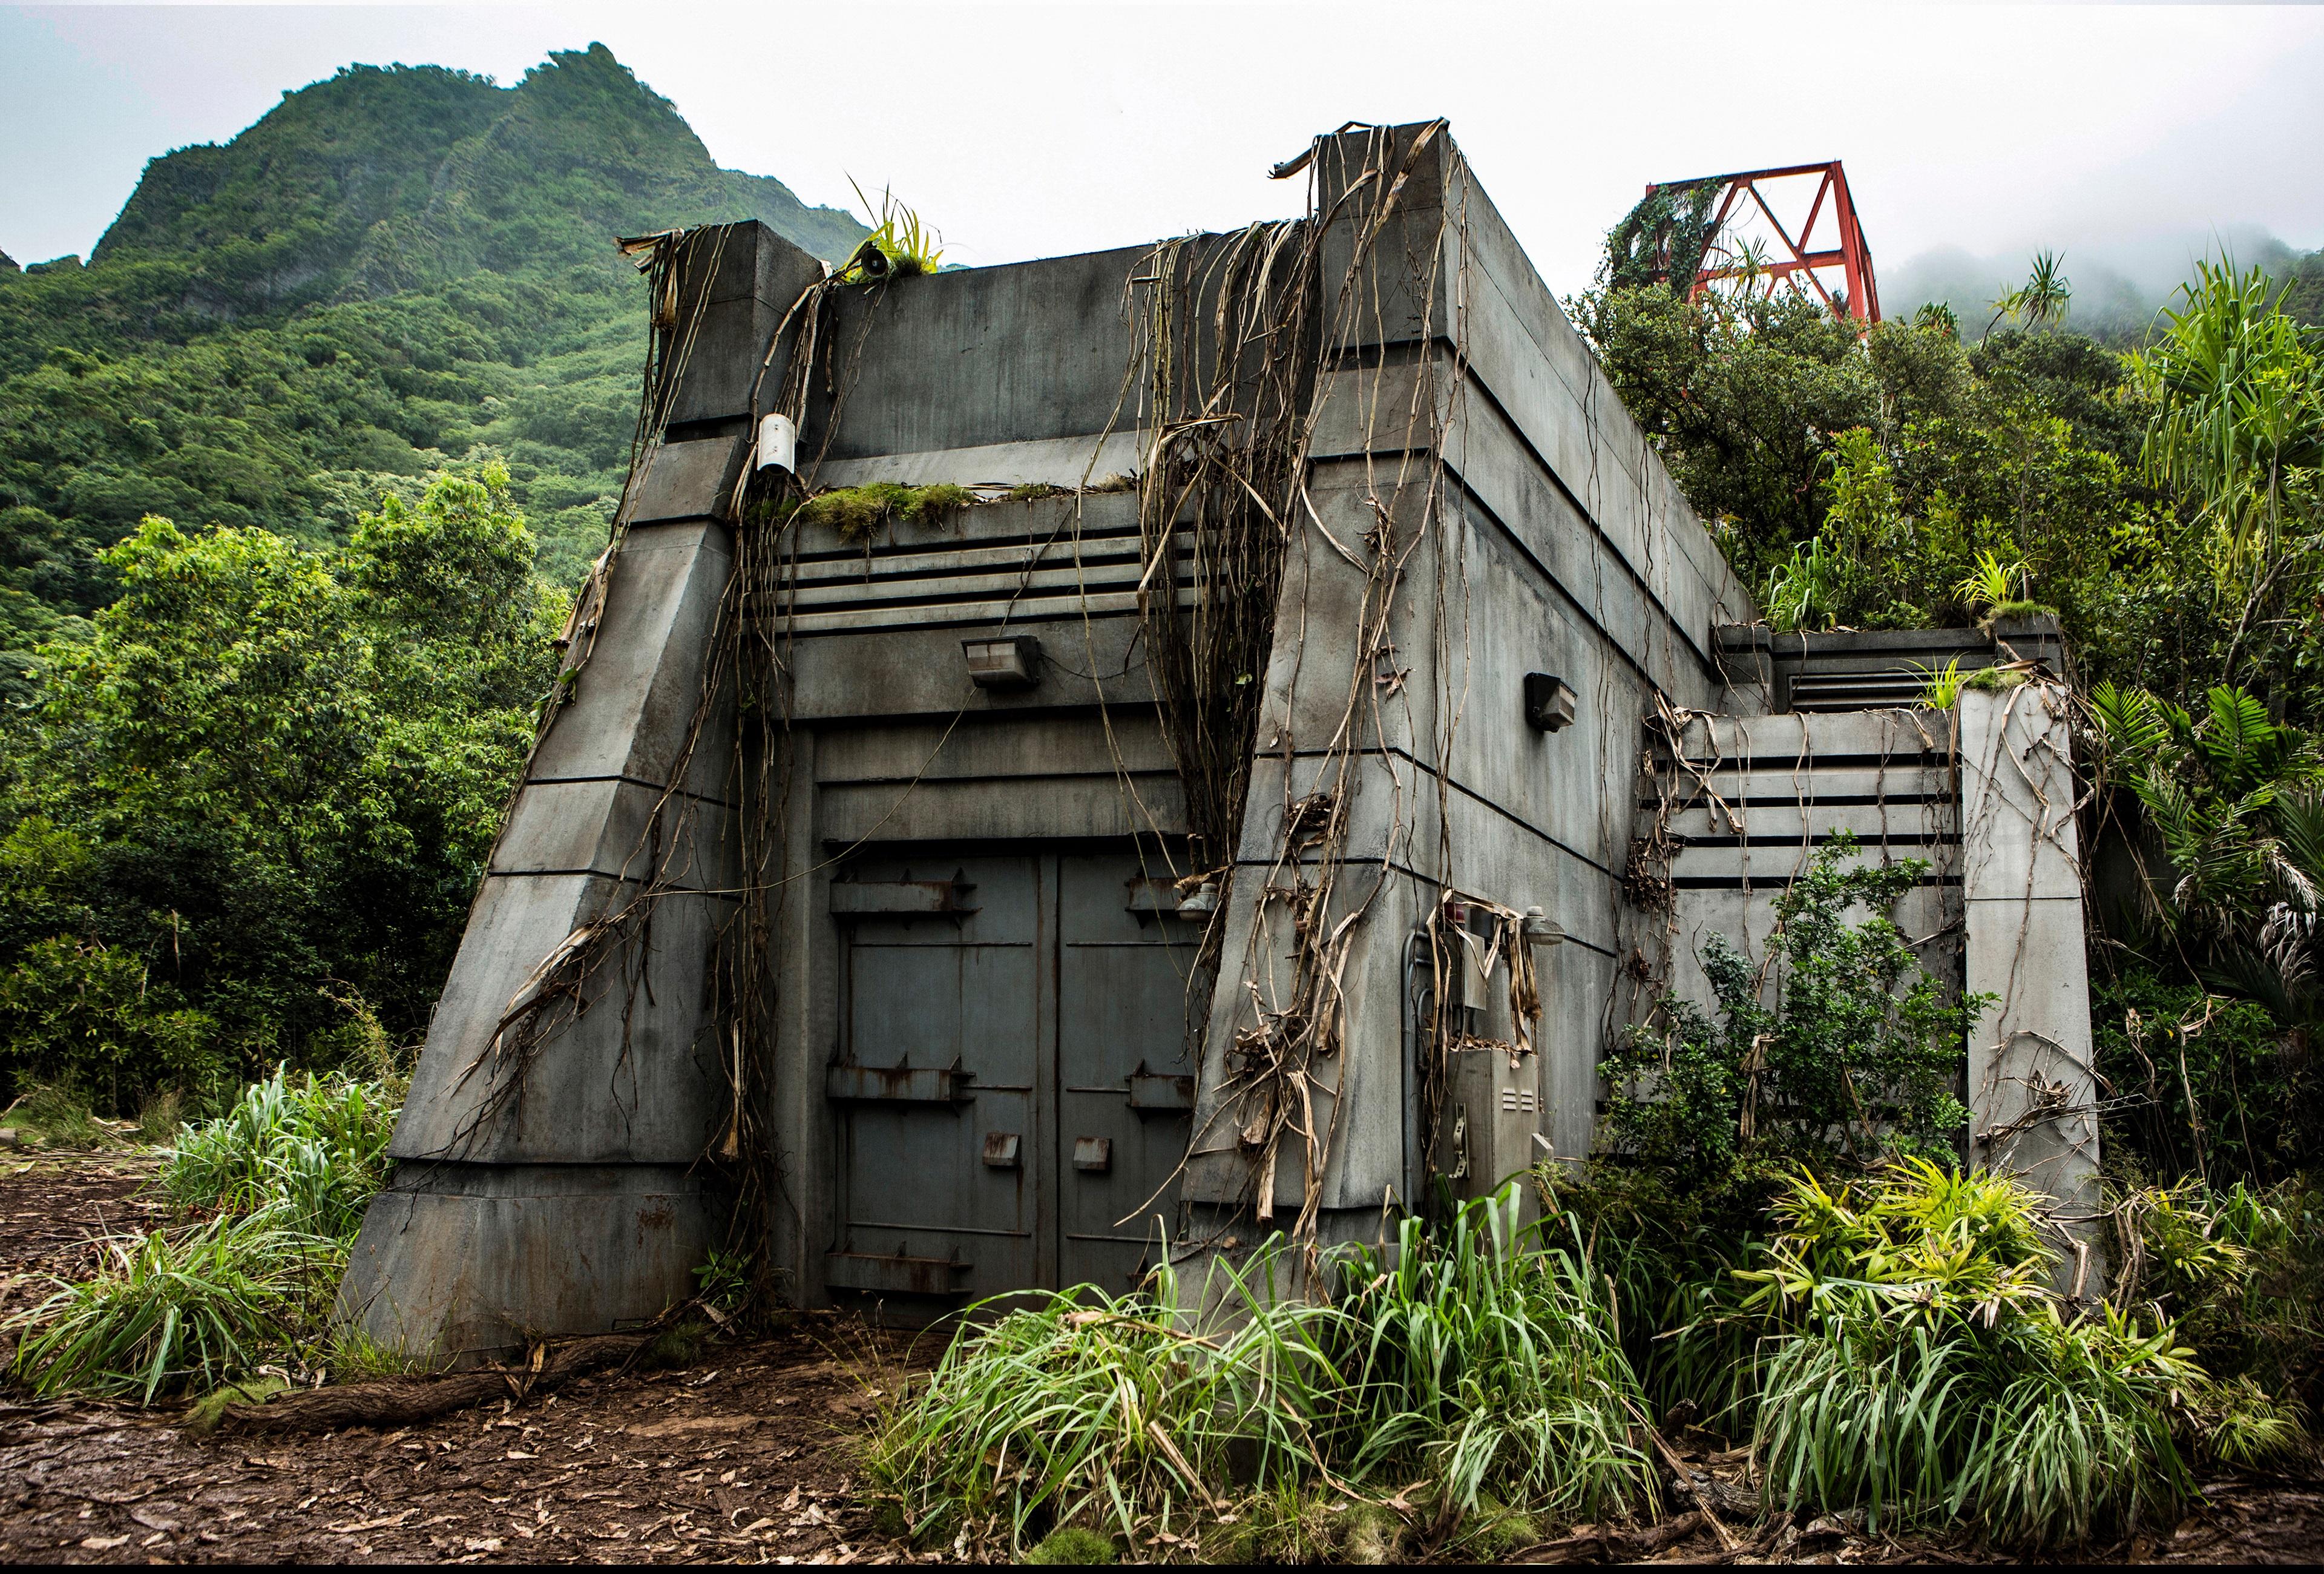 Radio Bunker 02 17 Isla Nublar S F Jurassic Pedia